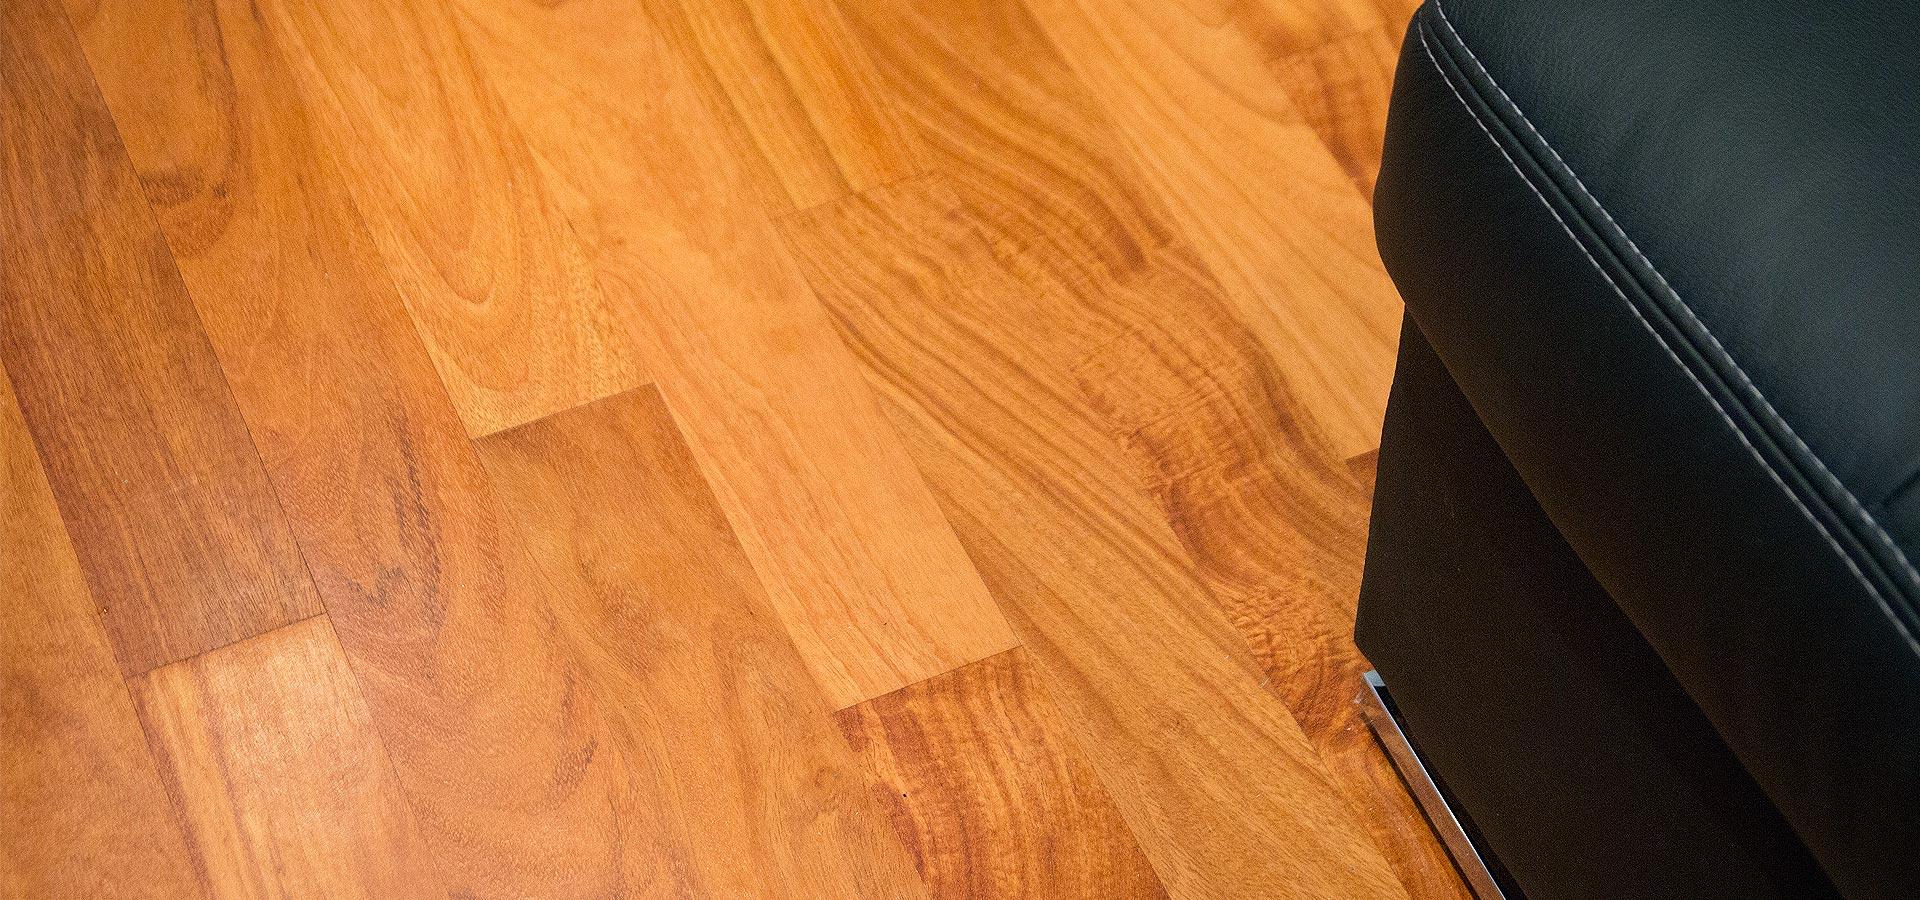 Підлога з екзотичної деревини